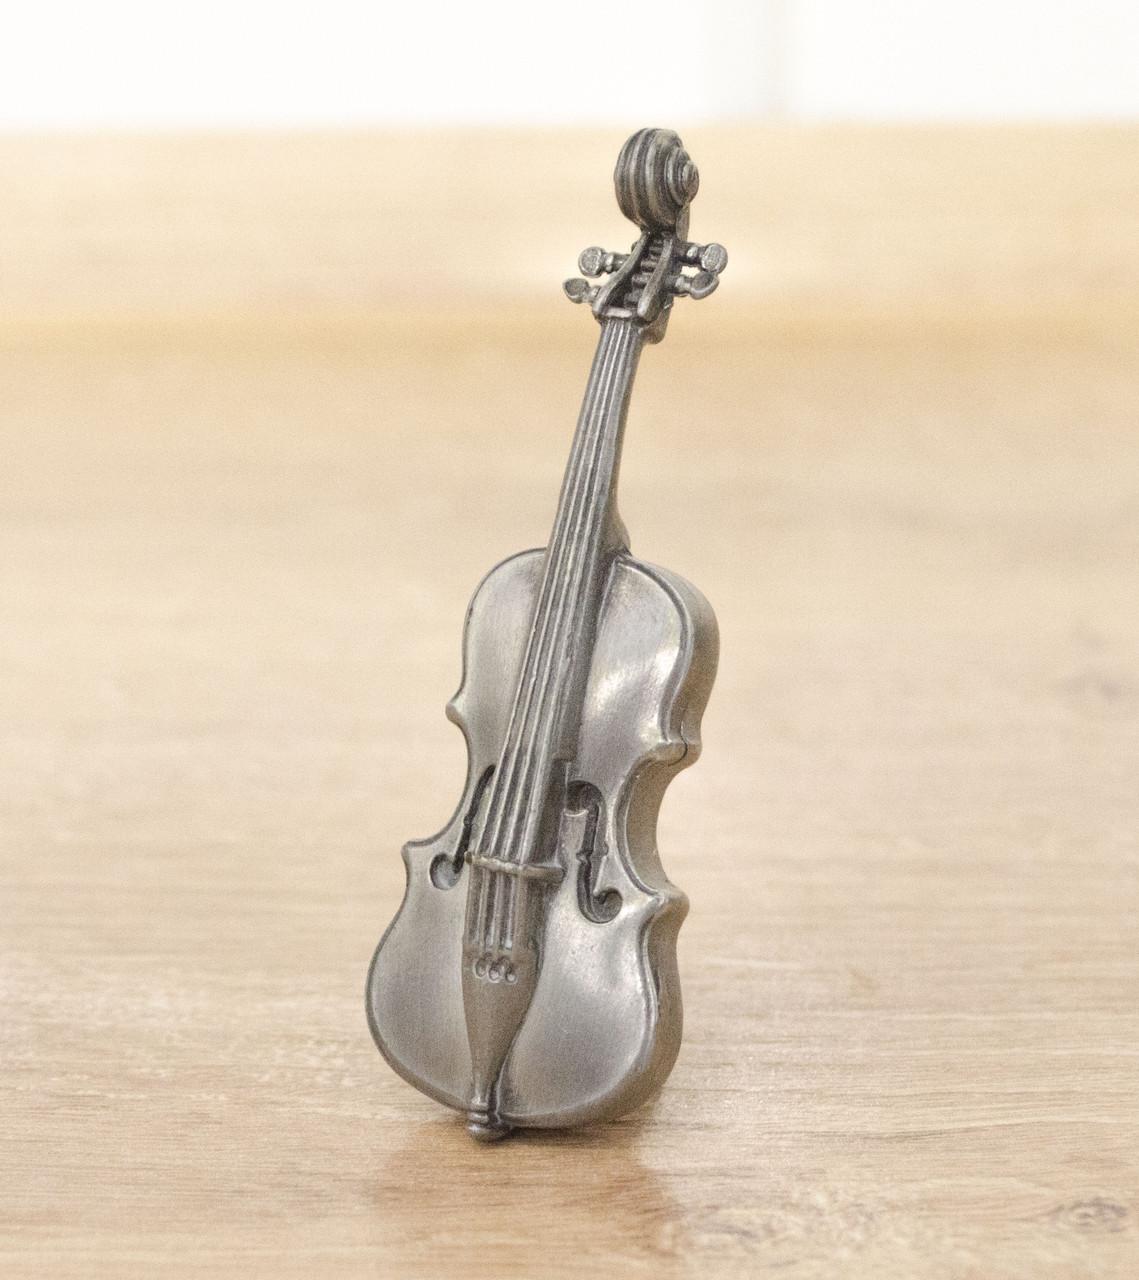 Оловянная миниатюра, виолончель, олово, Германия